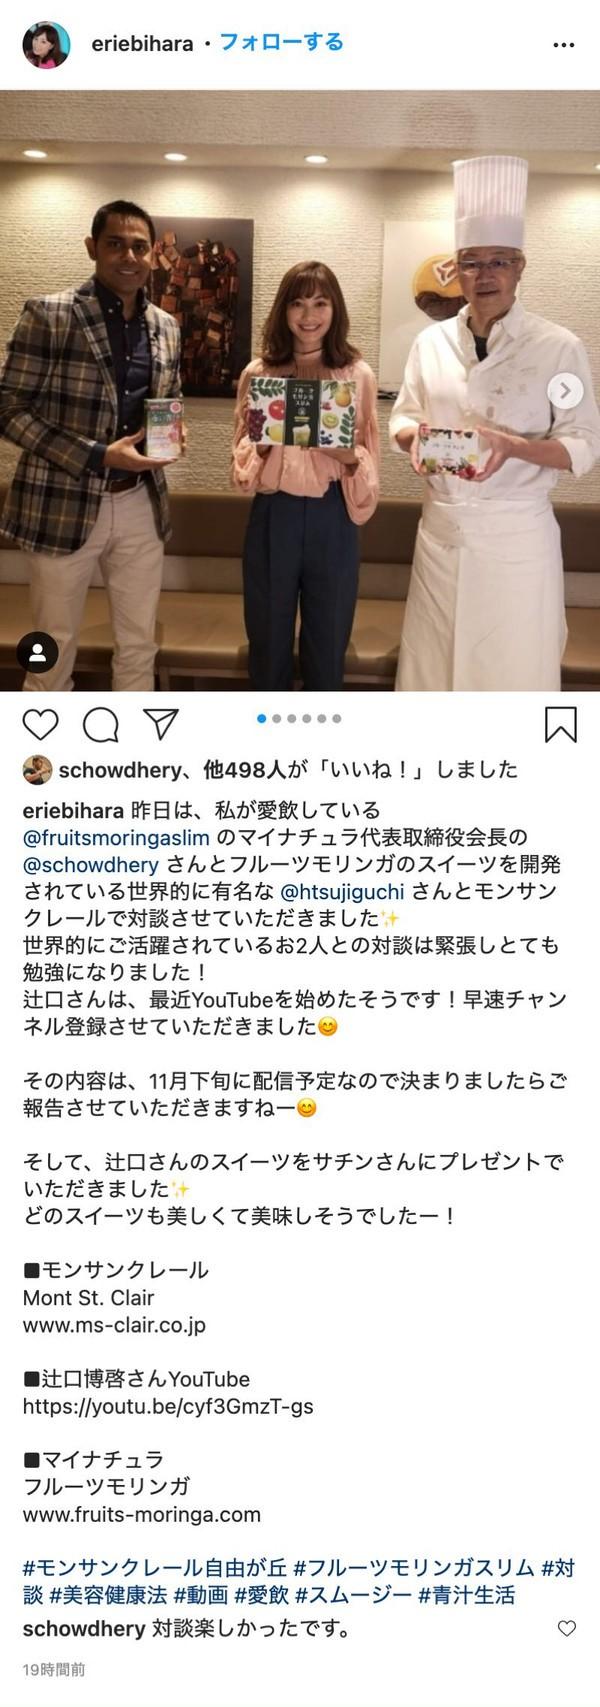 蛯原英里さん、辻口博啓さんとの対談